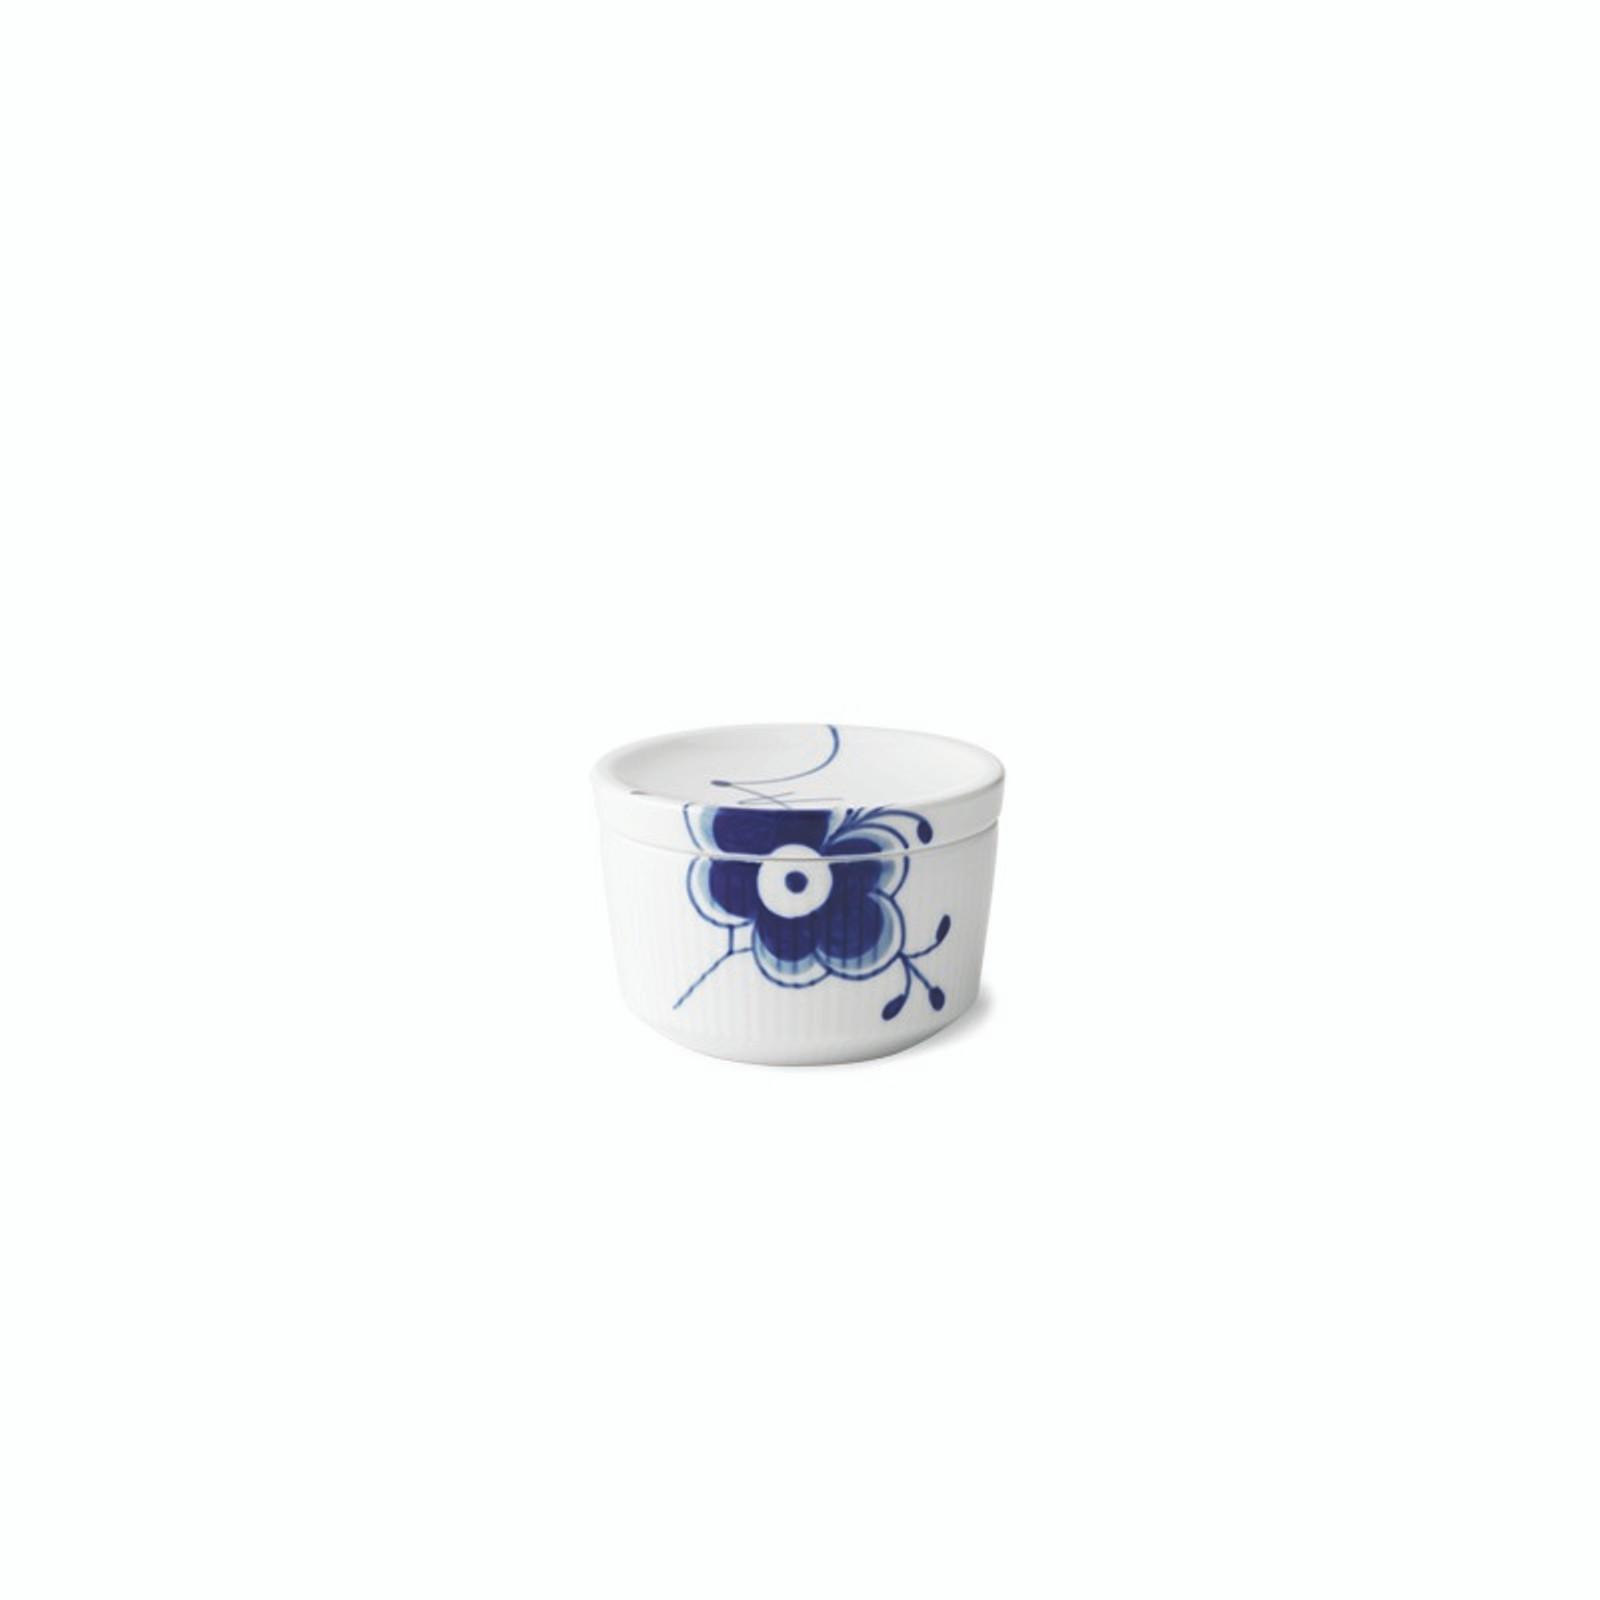 Royal Copenhagen Blue Fluted Mega - Bowl with Lid, 6.75 oz (1024772)